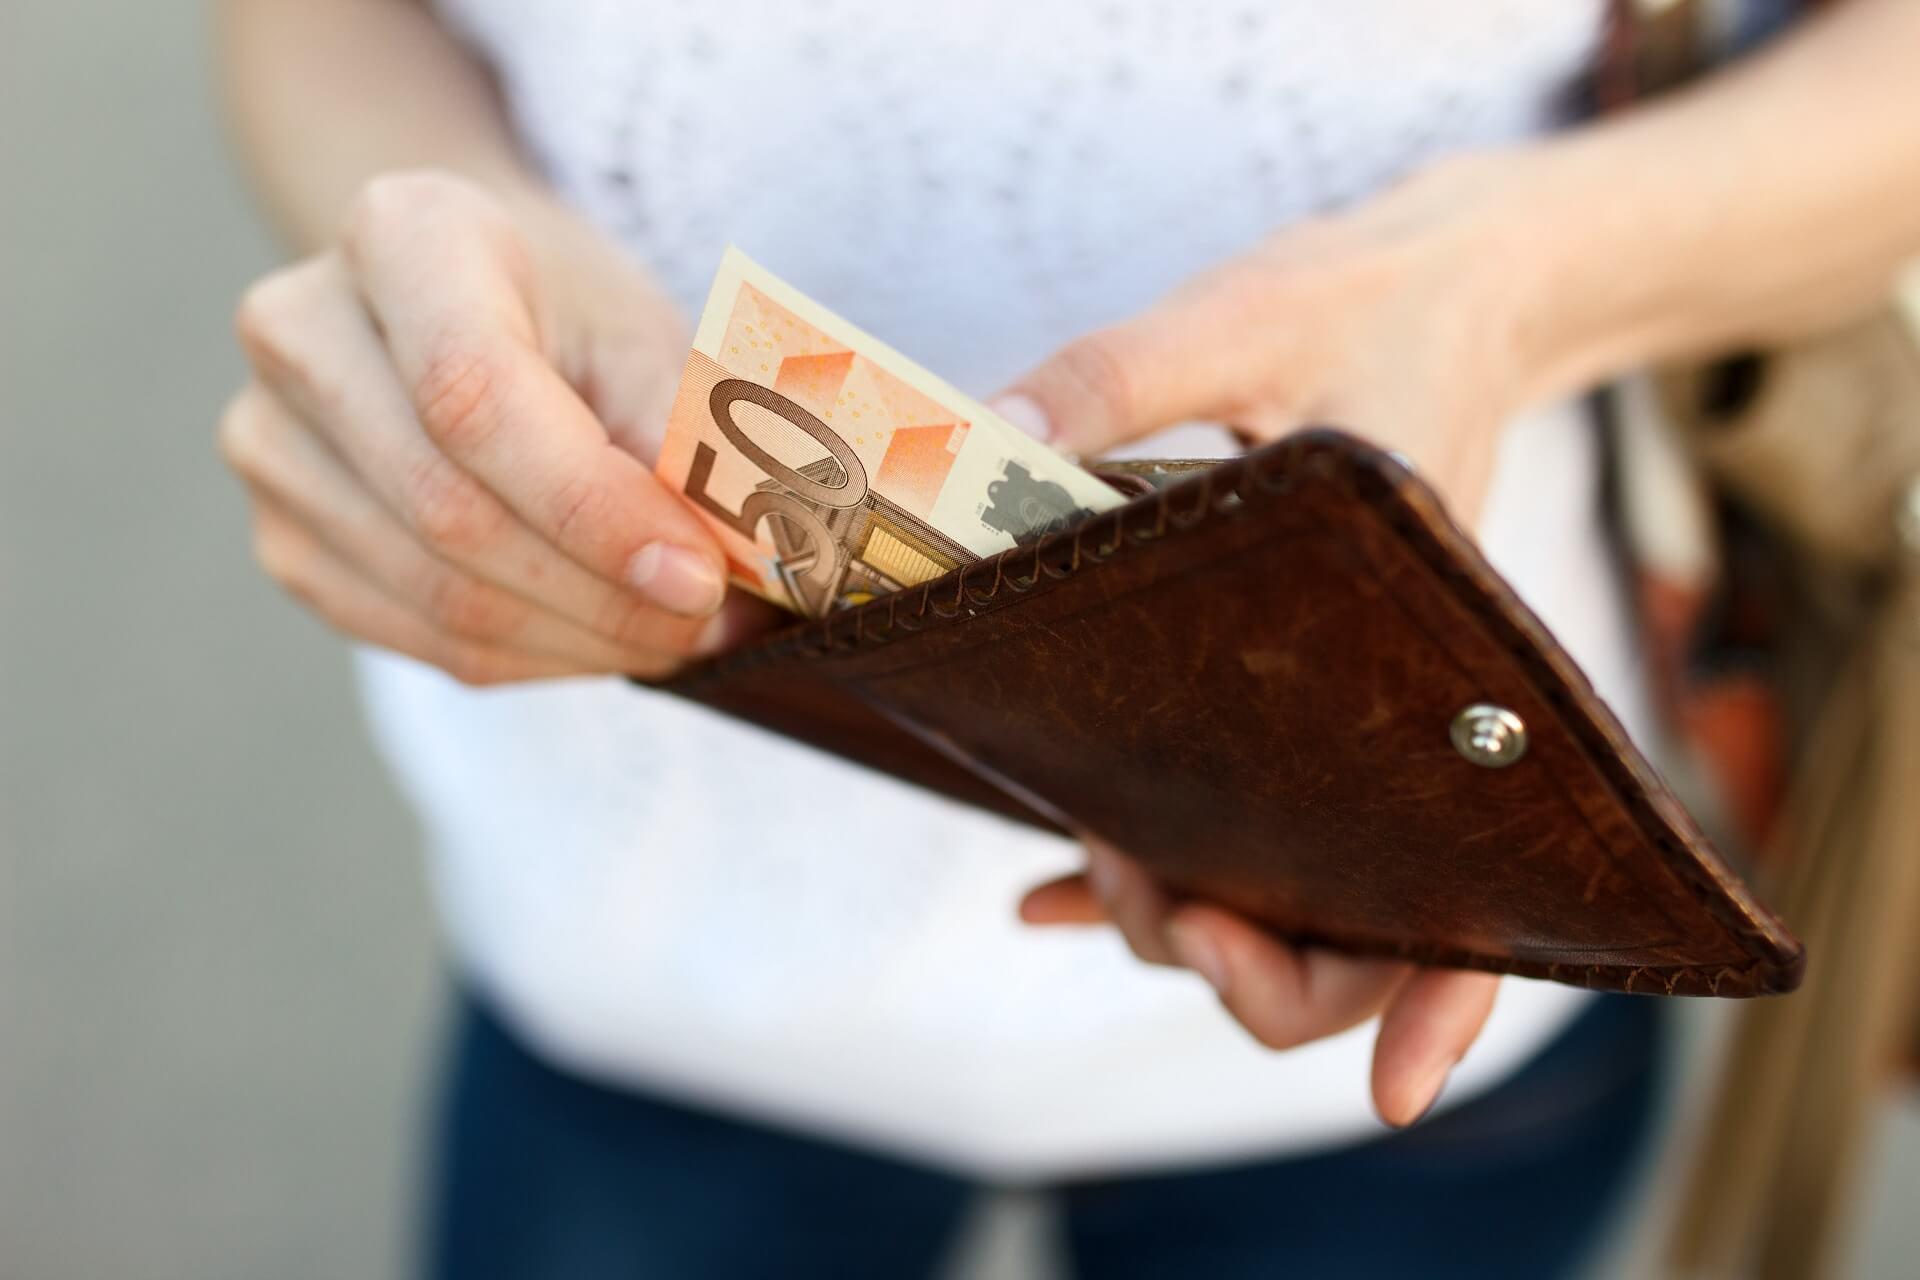 Räägime rahast: ligi veerand töötajatest on saanud sel aastal palgalisa 1